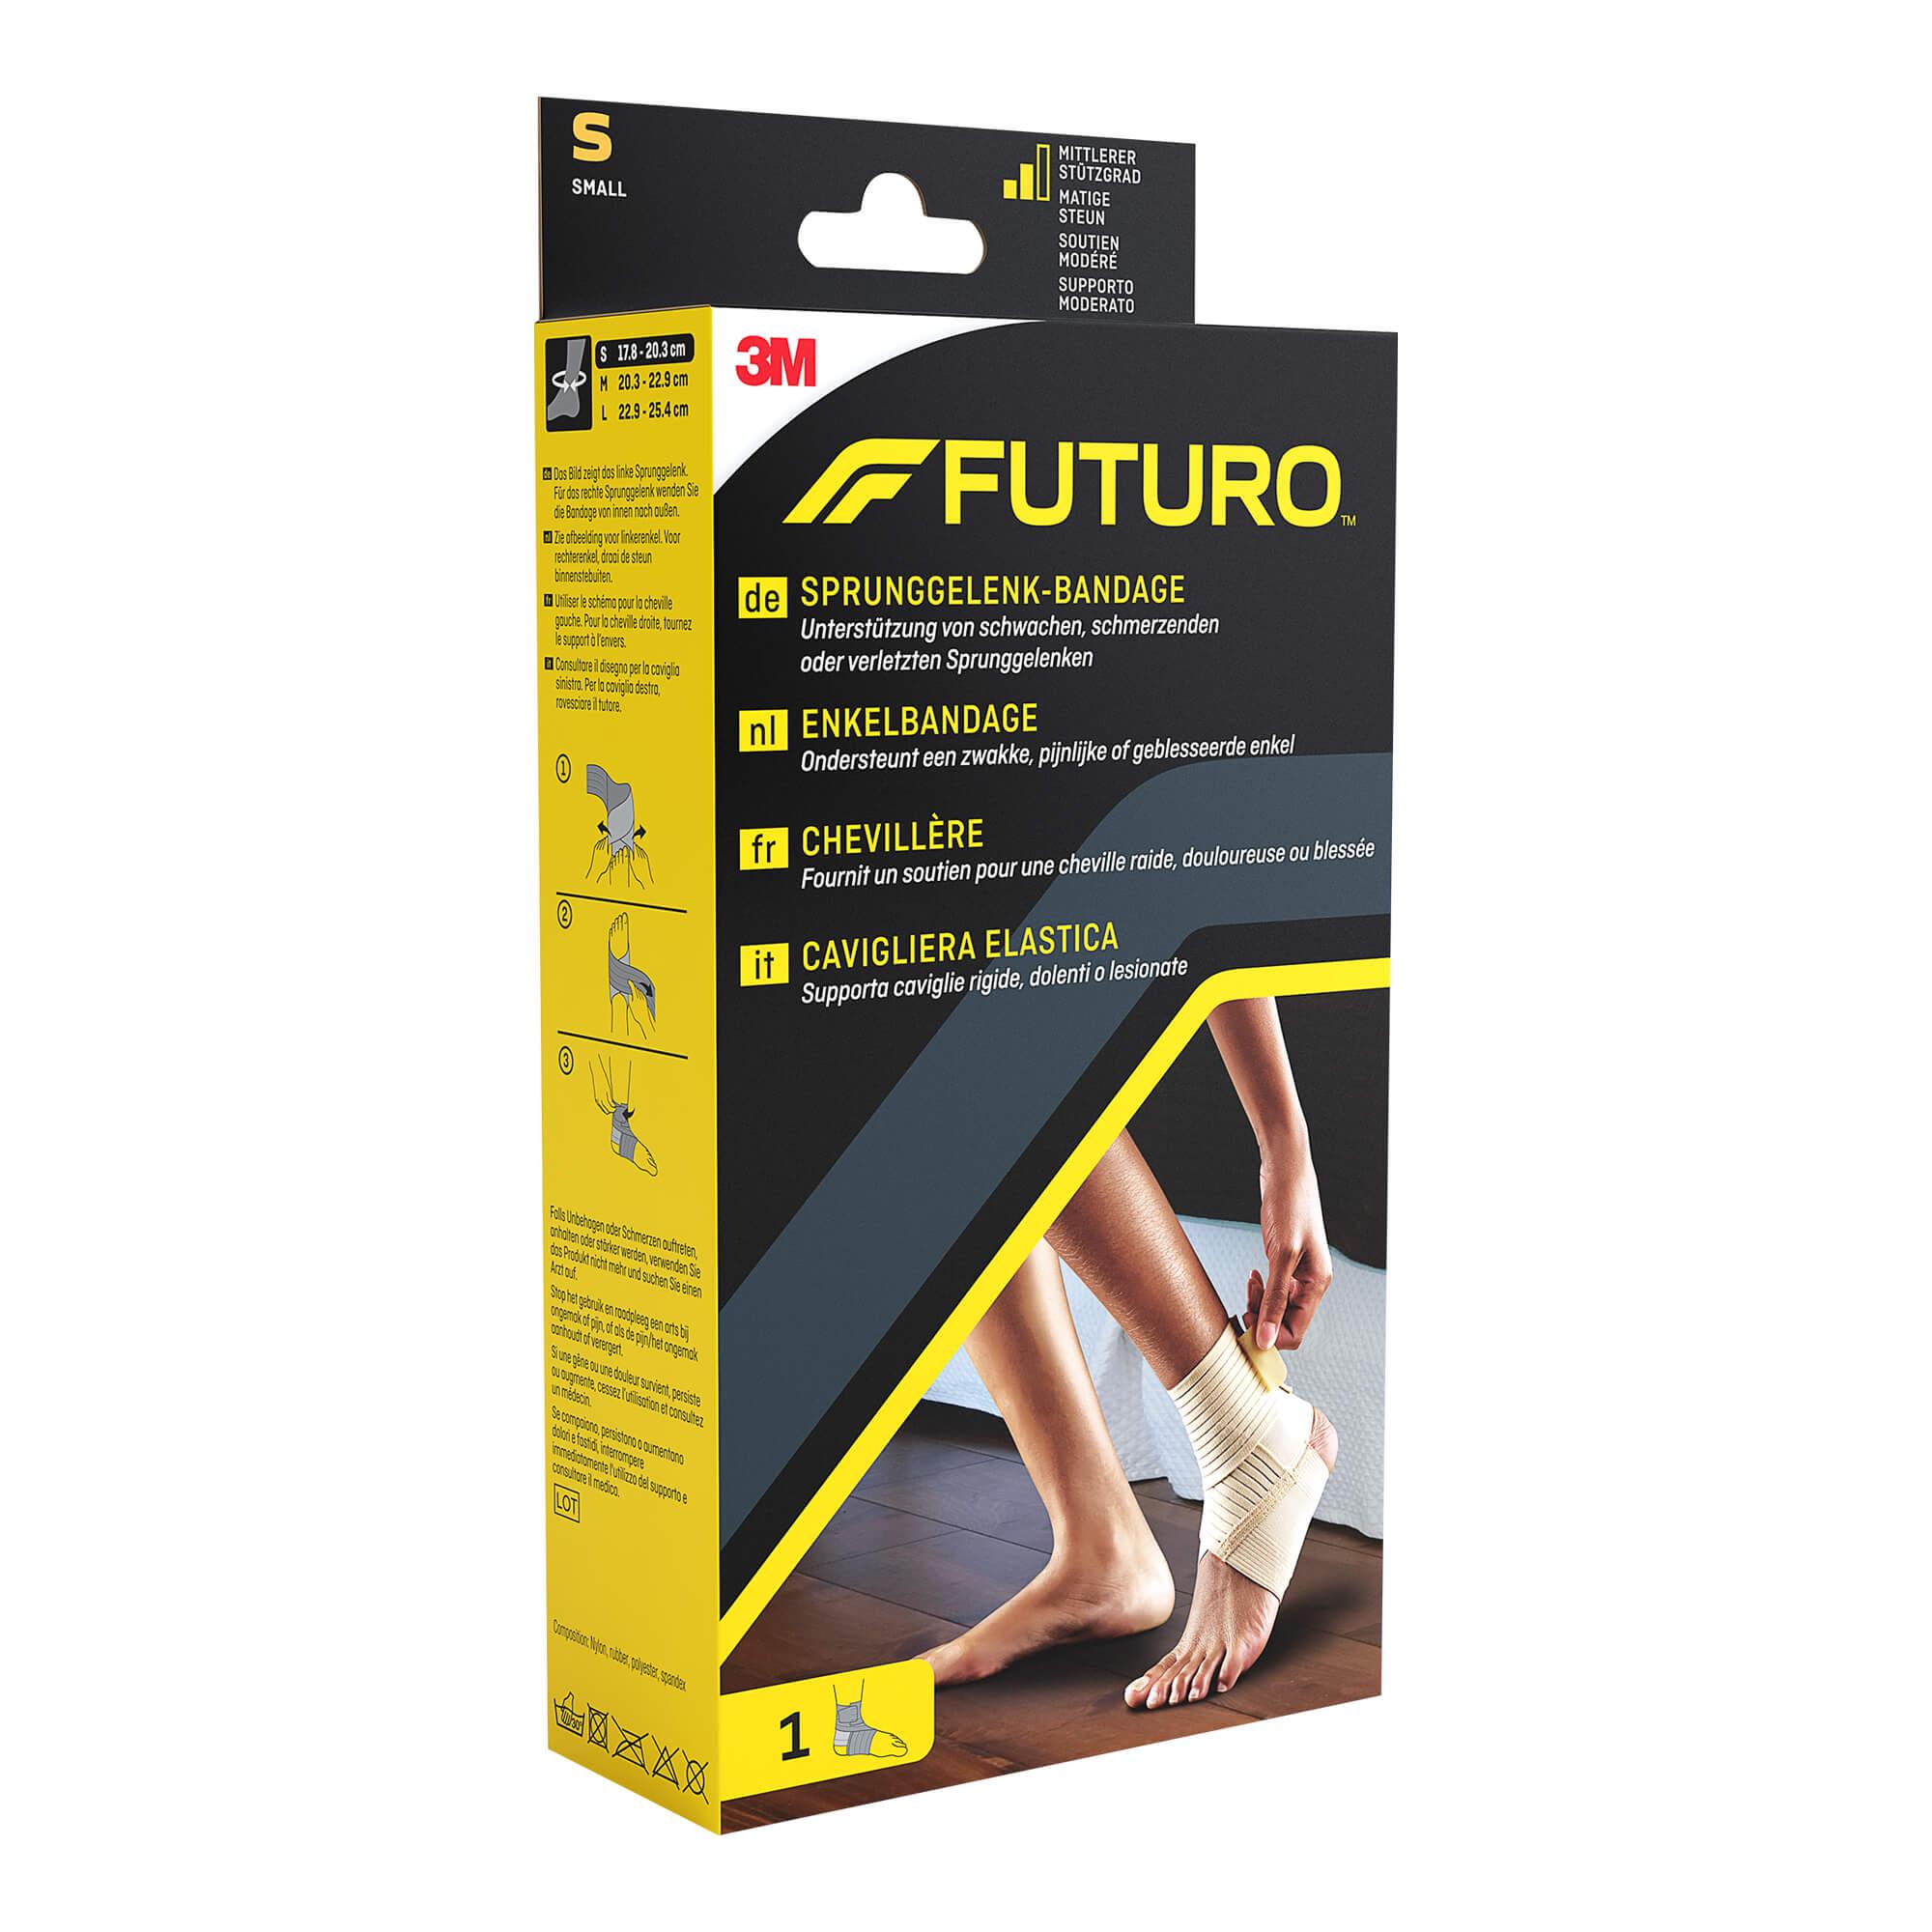 Futuro Sprunggelenk-Bandage S